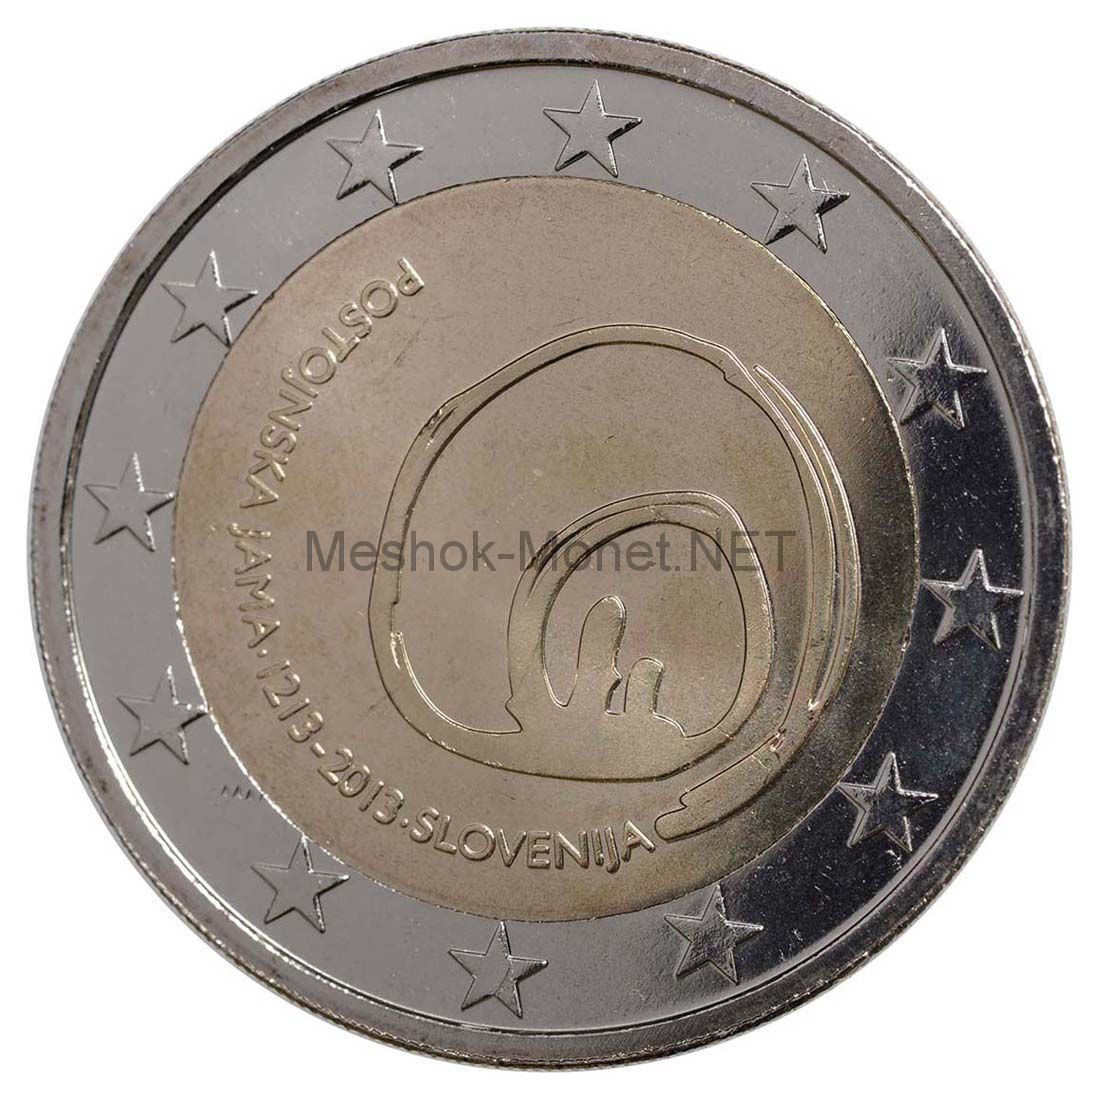 Словения 2 евро 2013, 800 лет открытию пещеры